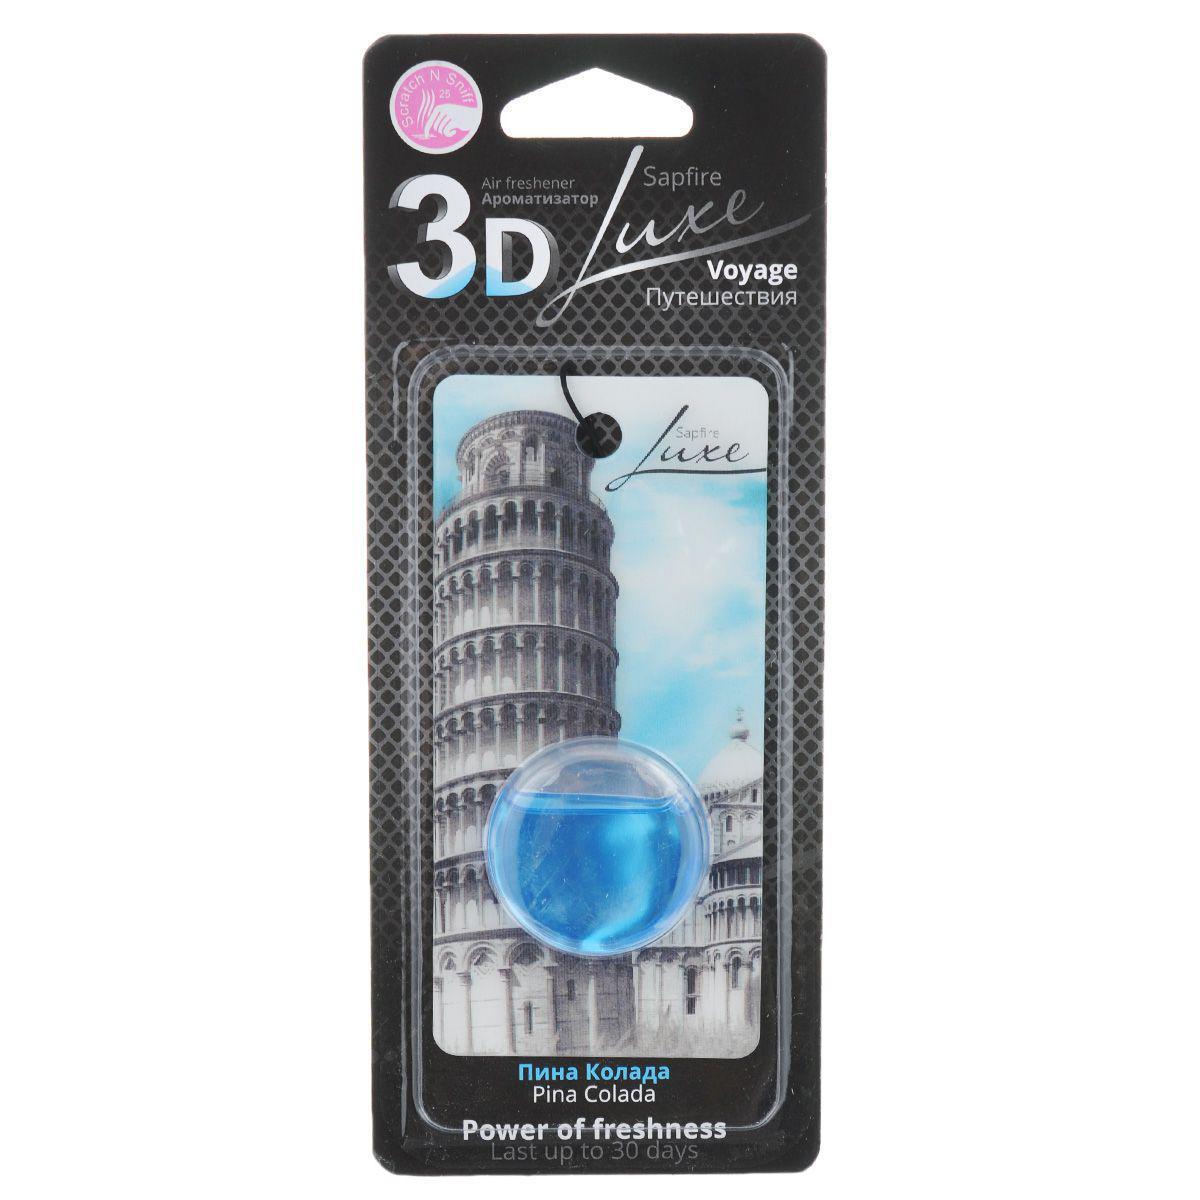 Ароматизатор для салона автомобиля 3D Sapfire Voyage. Пизанская башня, пина колада07855-SAAПодвесной мембранный ароматизатор 3D Sapfire Voyage. Пизанская башня имеет приятный аромат пина колады. Ароматизатор представляет собой подвесную 3D карточку, украшенную изображением Пизанской башни, с мембранной капсулой, в которой содержится парфюмерная композиция. Ароматизатор предназначен для автомобиля, а также для небольших помещений. Аромат держится до 30 дней. 3D - новое поколение концентрированных ароматизаторов Сапфир. Автомобильный и домашний декоративный освежитель, изготовленный с использованием современной мембранной технологии, - это безопасно, удобно и гарантирует длительную работу, без риска пролить жидкое содержимое. Парфюмерная композиция разработана во Франции. Обеспечивает стойкий насыщенный аромат и запах свежести. Состав: парфюмерная композиция, гель, пластик, бумага. Размер ароматизатора: 11,5 см х 5,5 см х 1 см. Диаметр капсулы: 3,5 см.